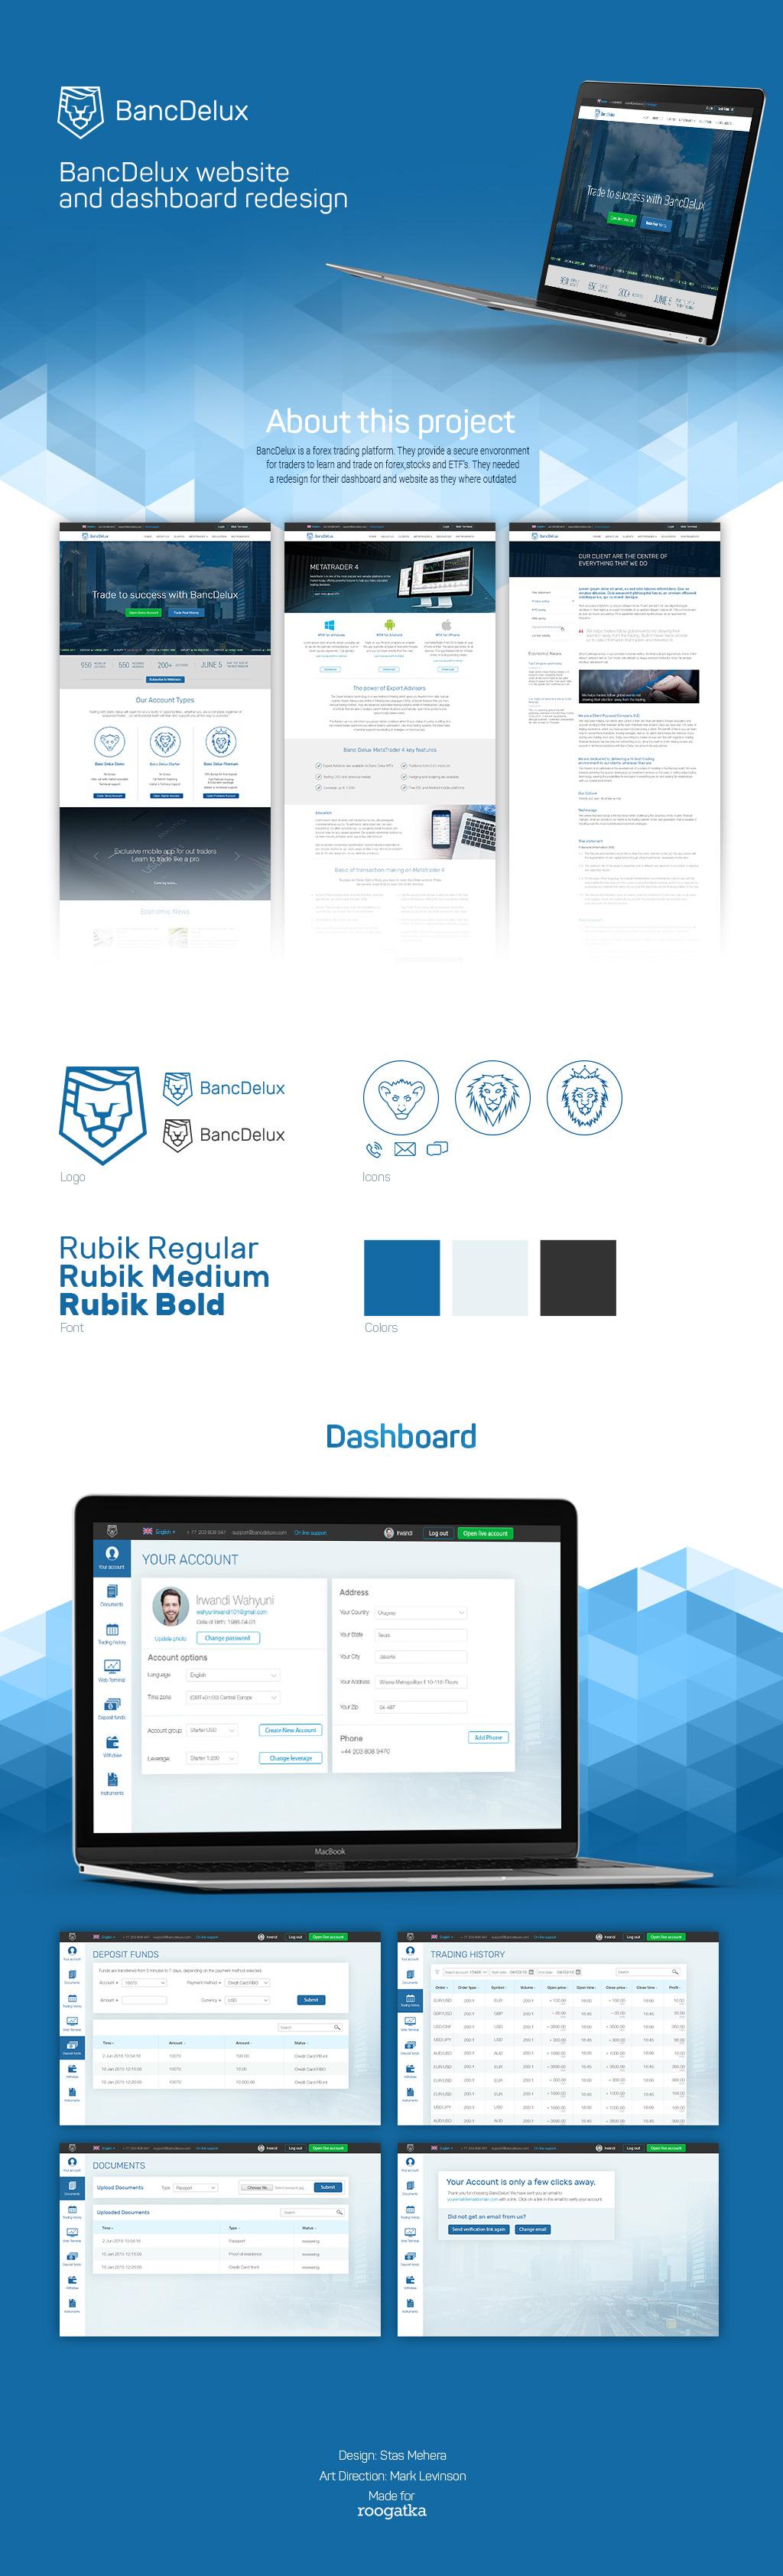 Banc Delux Trading platform UX/UI and website design for a Forex broker